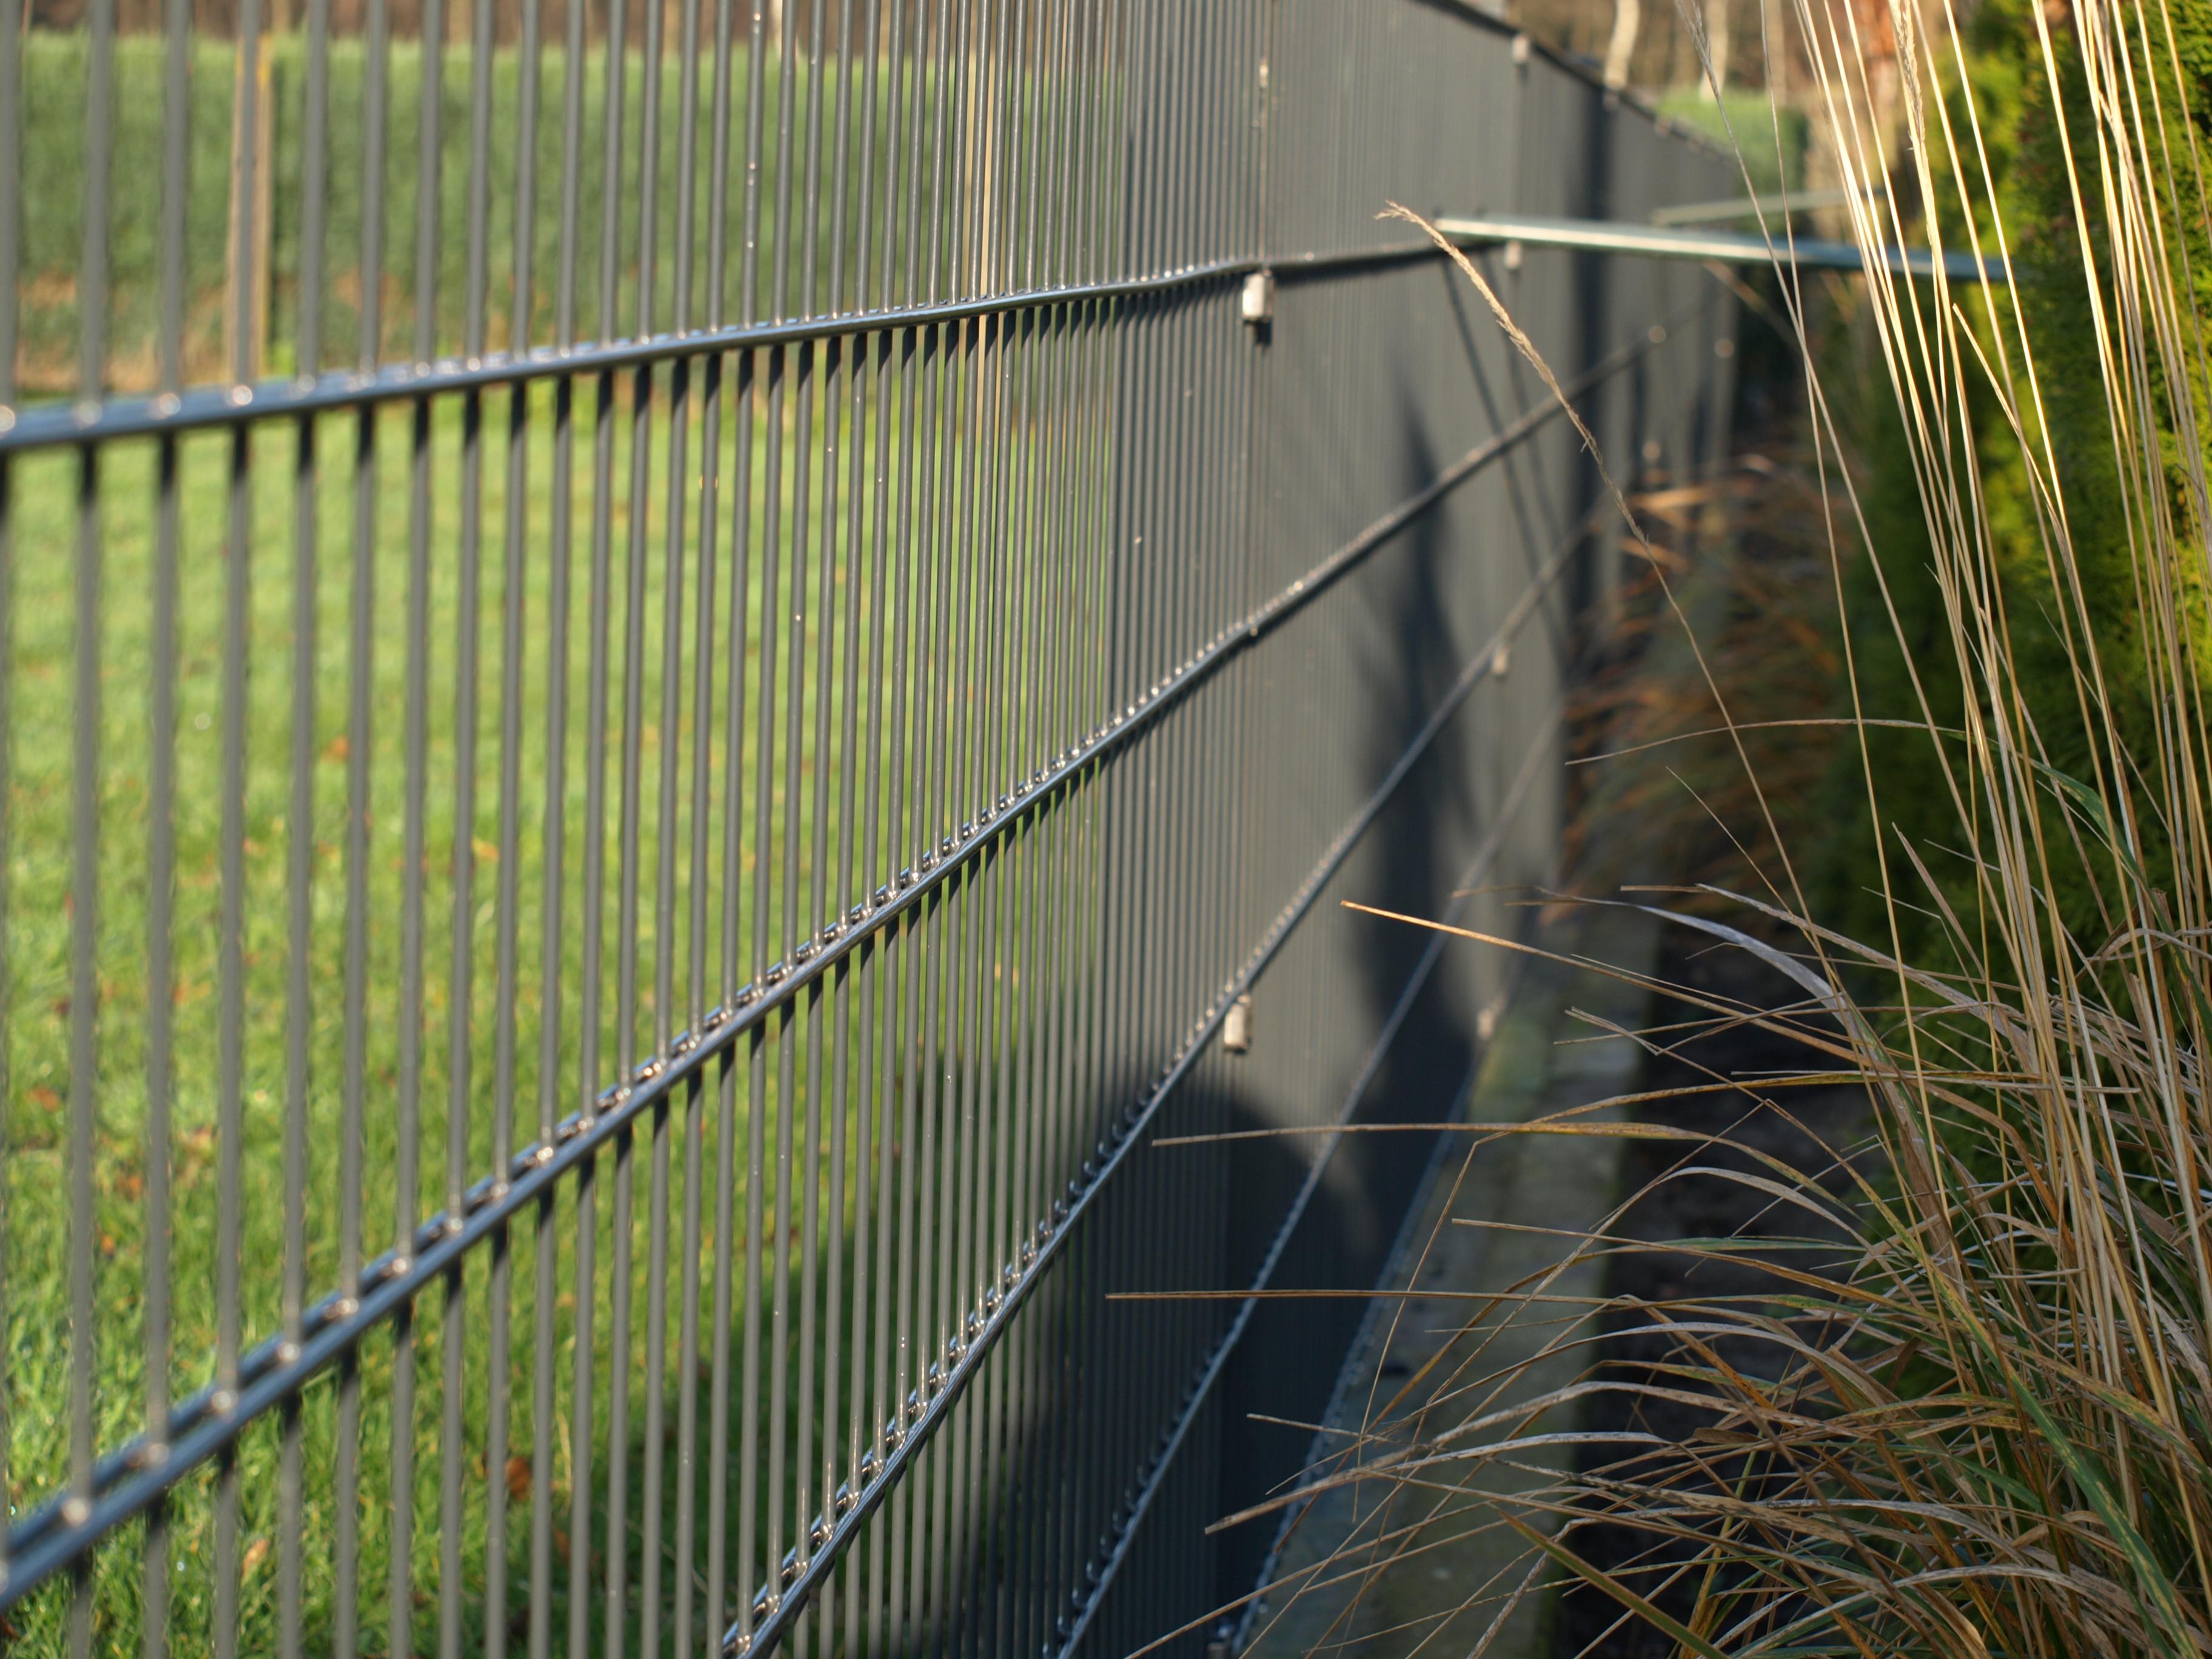 Sichtschutz-sch-tzt-die-Privatsph-re-am-Industrie-oder-Gartenzaun